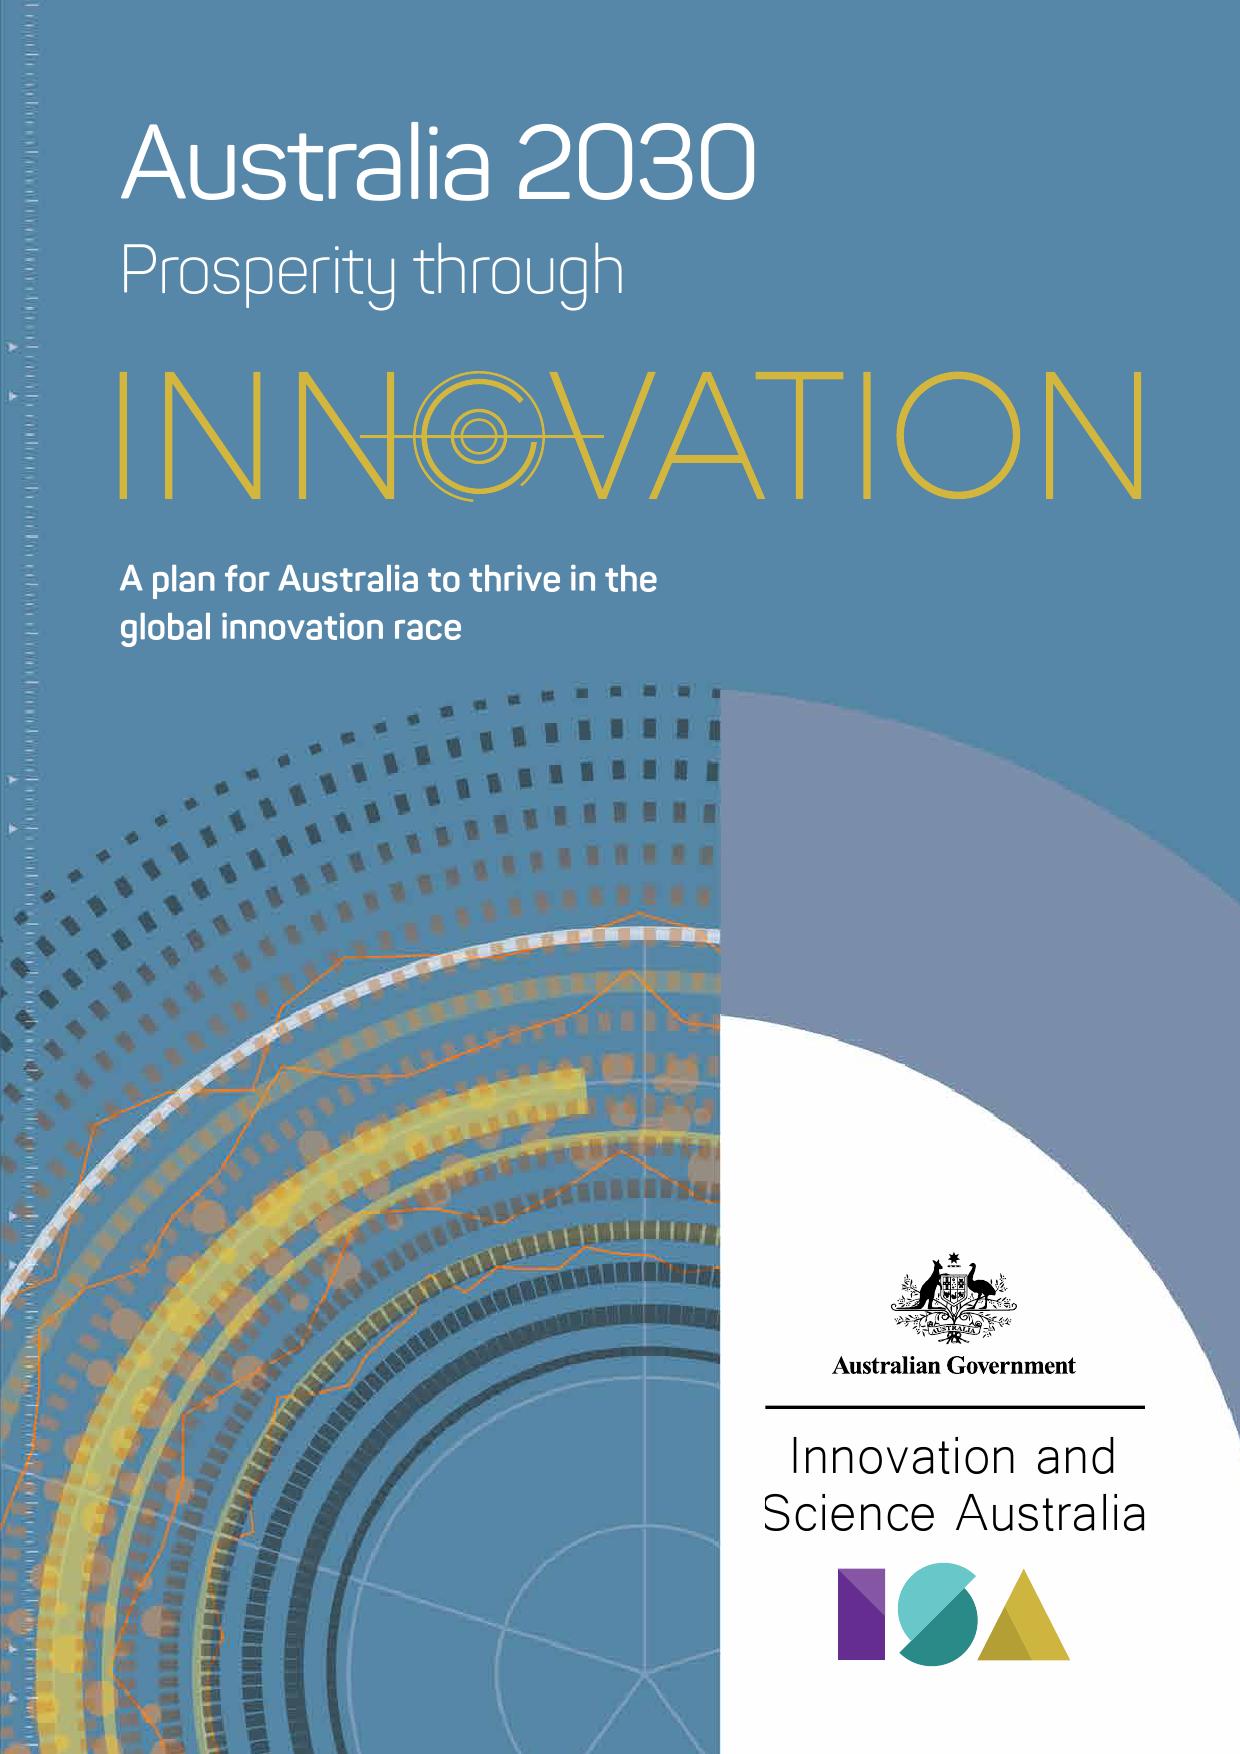 澳大利亚2030:通过创新实现繁荣(附下载)